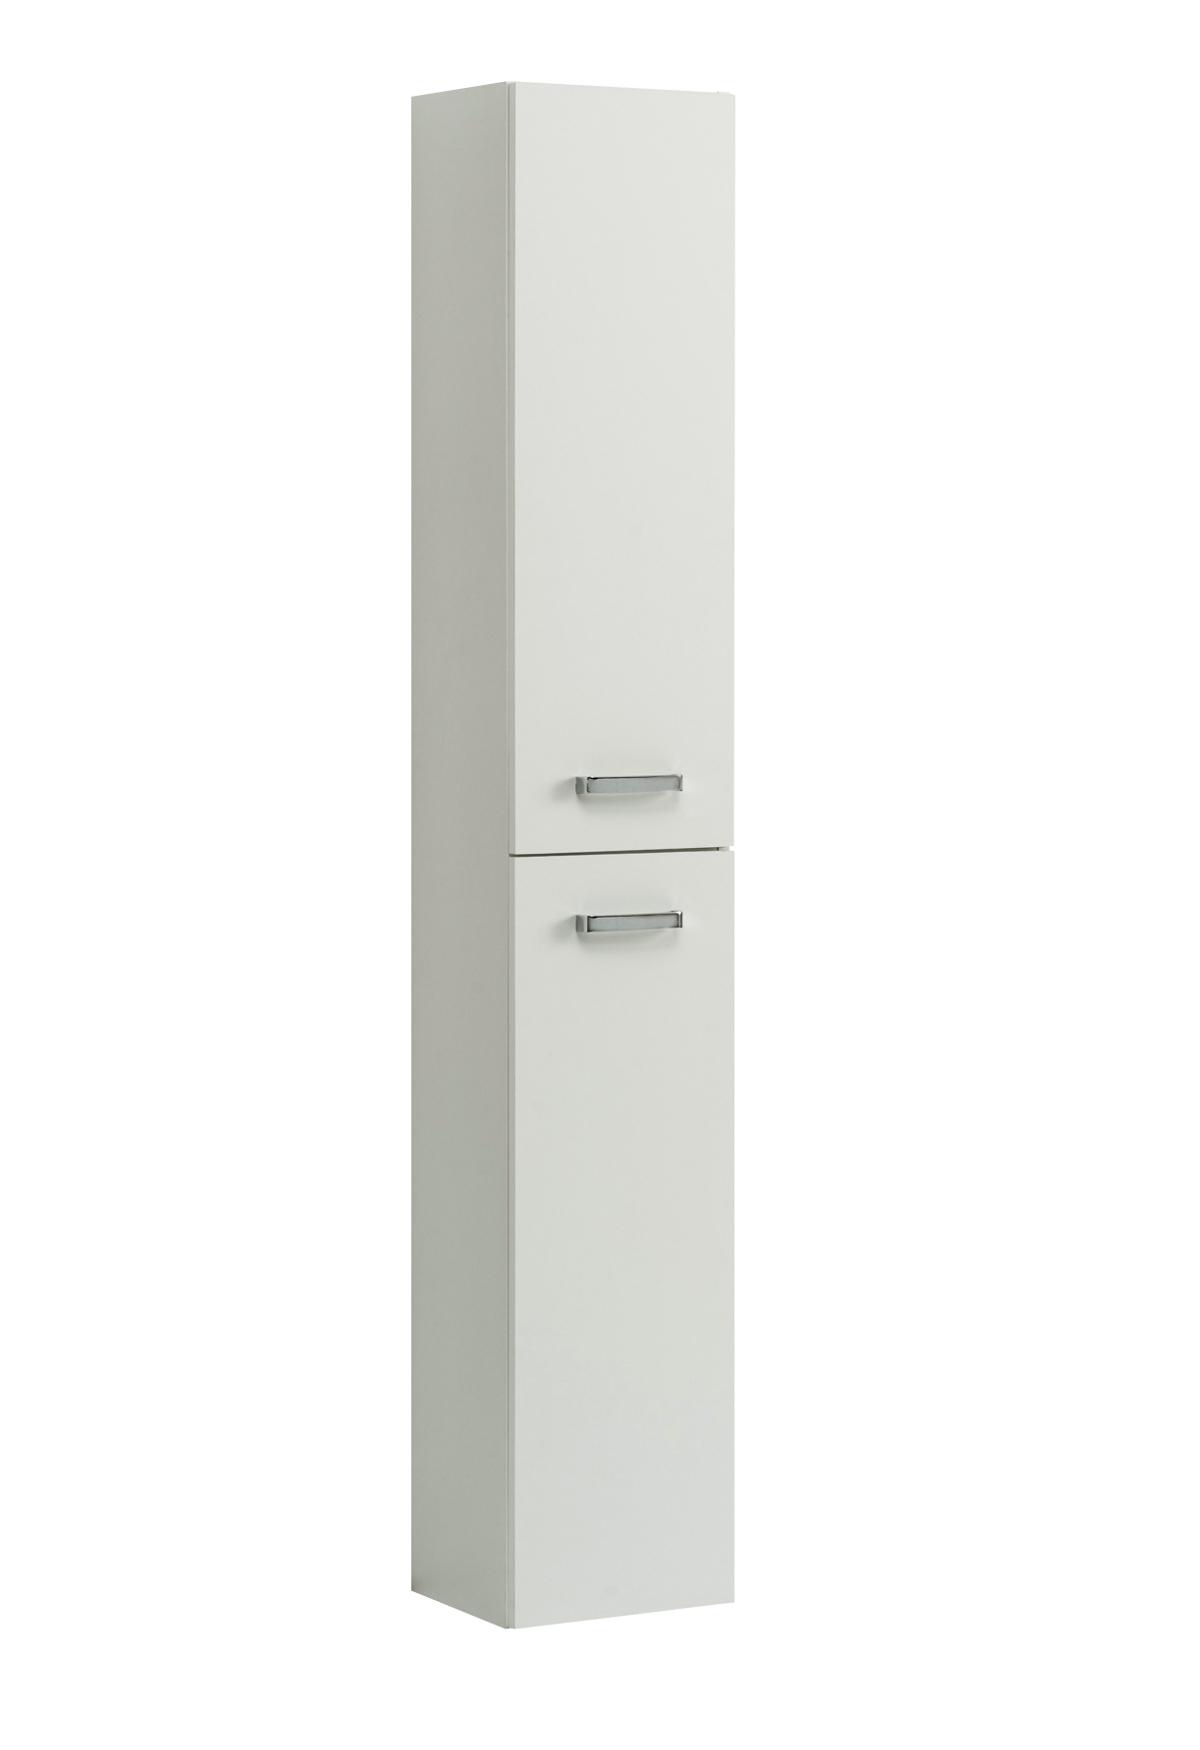 badm bel set montreal mit spiegel 6 teilig 120 cm breit wei bad badm belsets. Black Bedroom Furniture Sets. Home Design Ideas